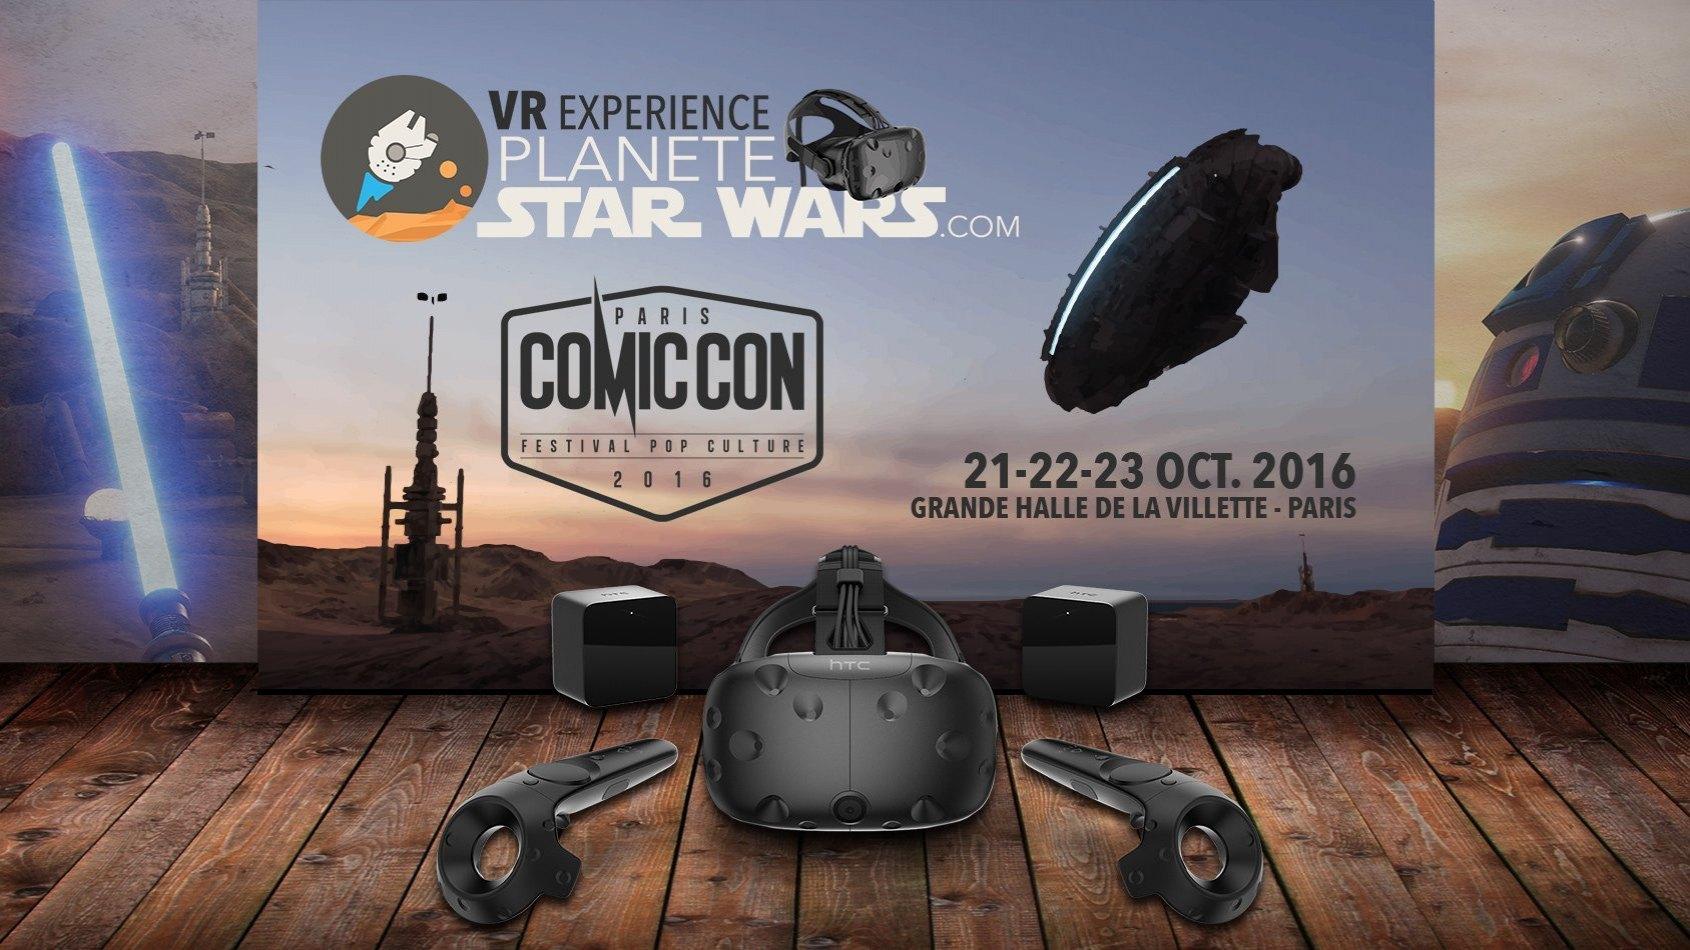 Plan�te Star Wars VR Experience - R�servez vos s�ances au Comic Con !